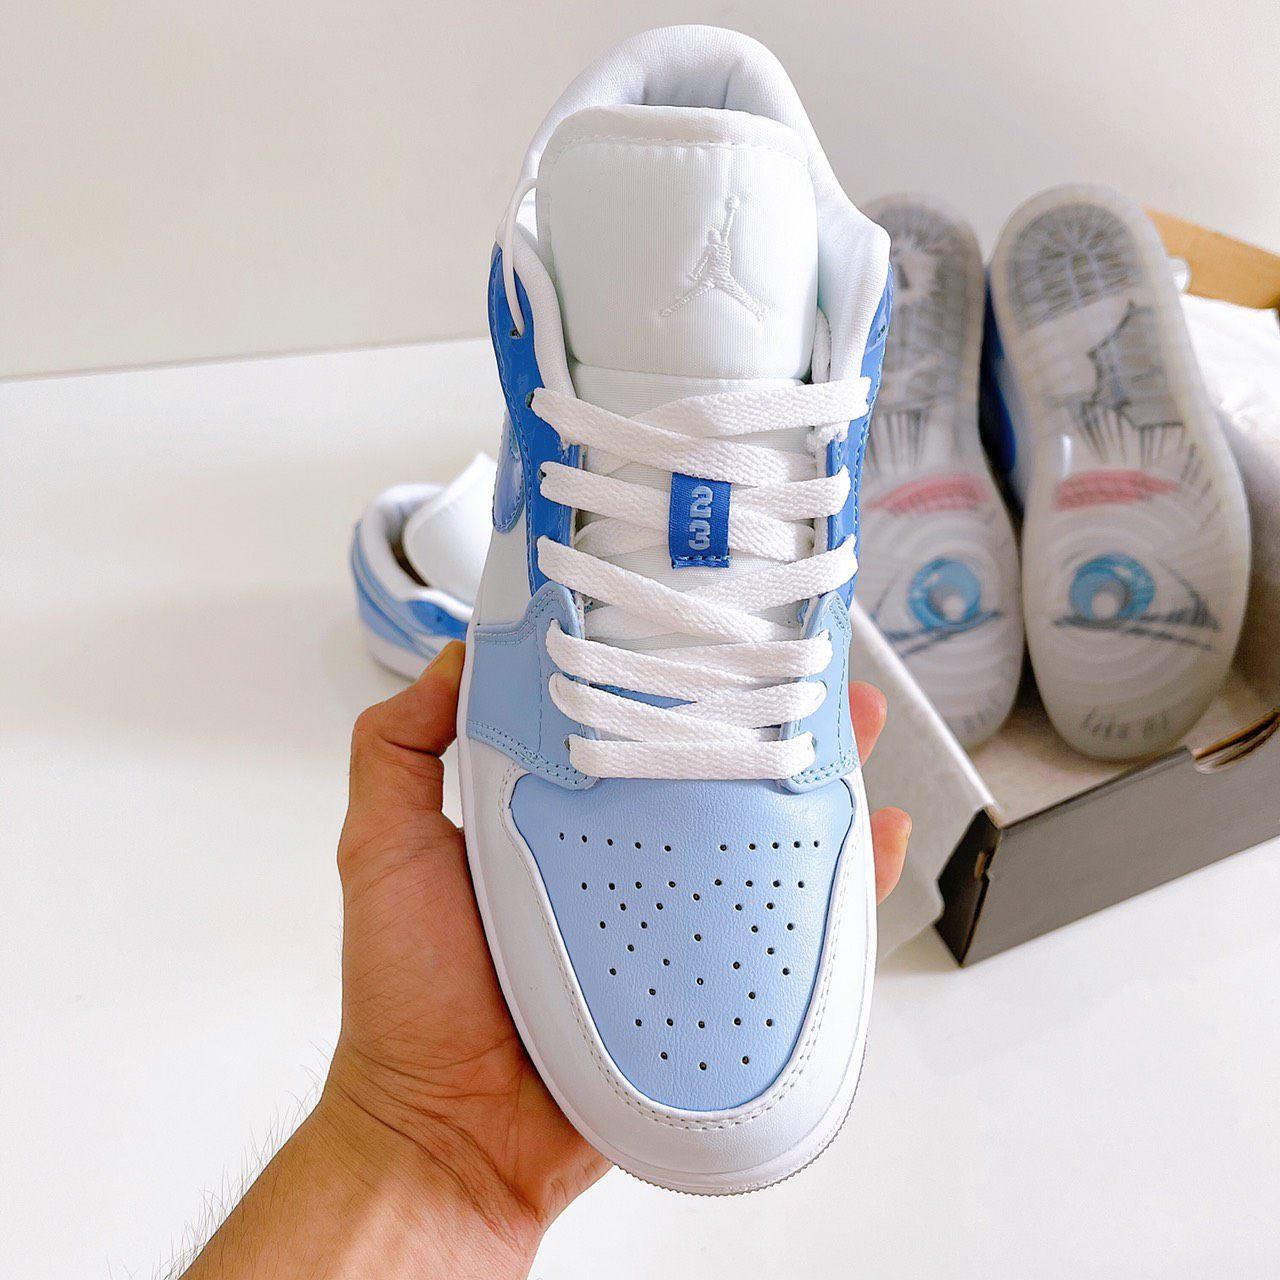 Giày Nike Air Jordan 1 Low Mighty Swooshers Rep 1:1